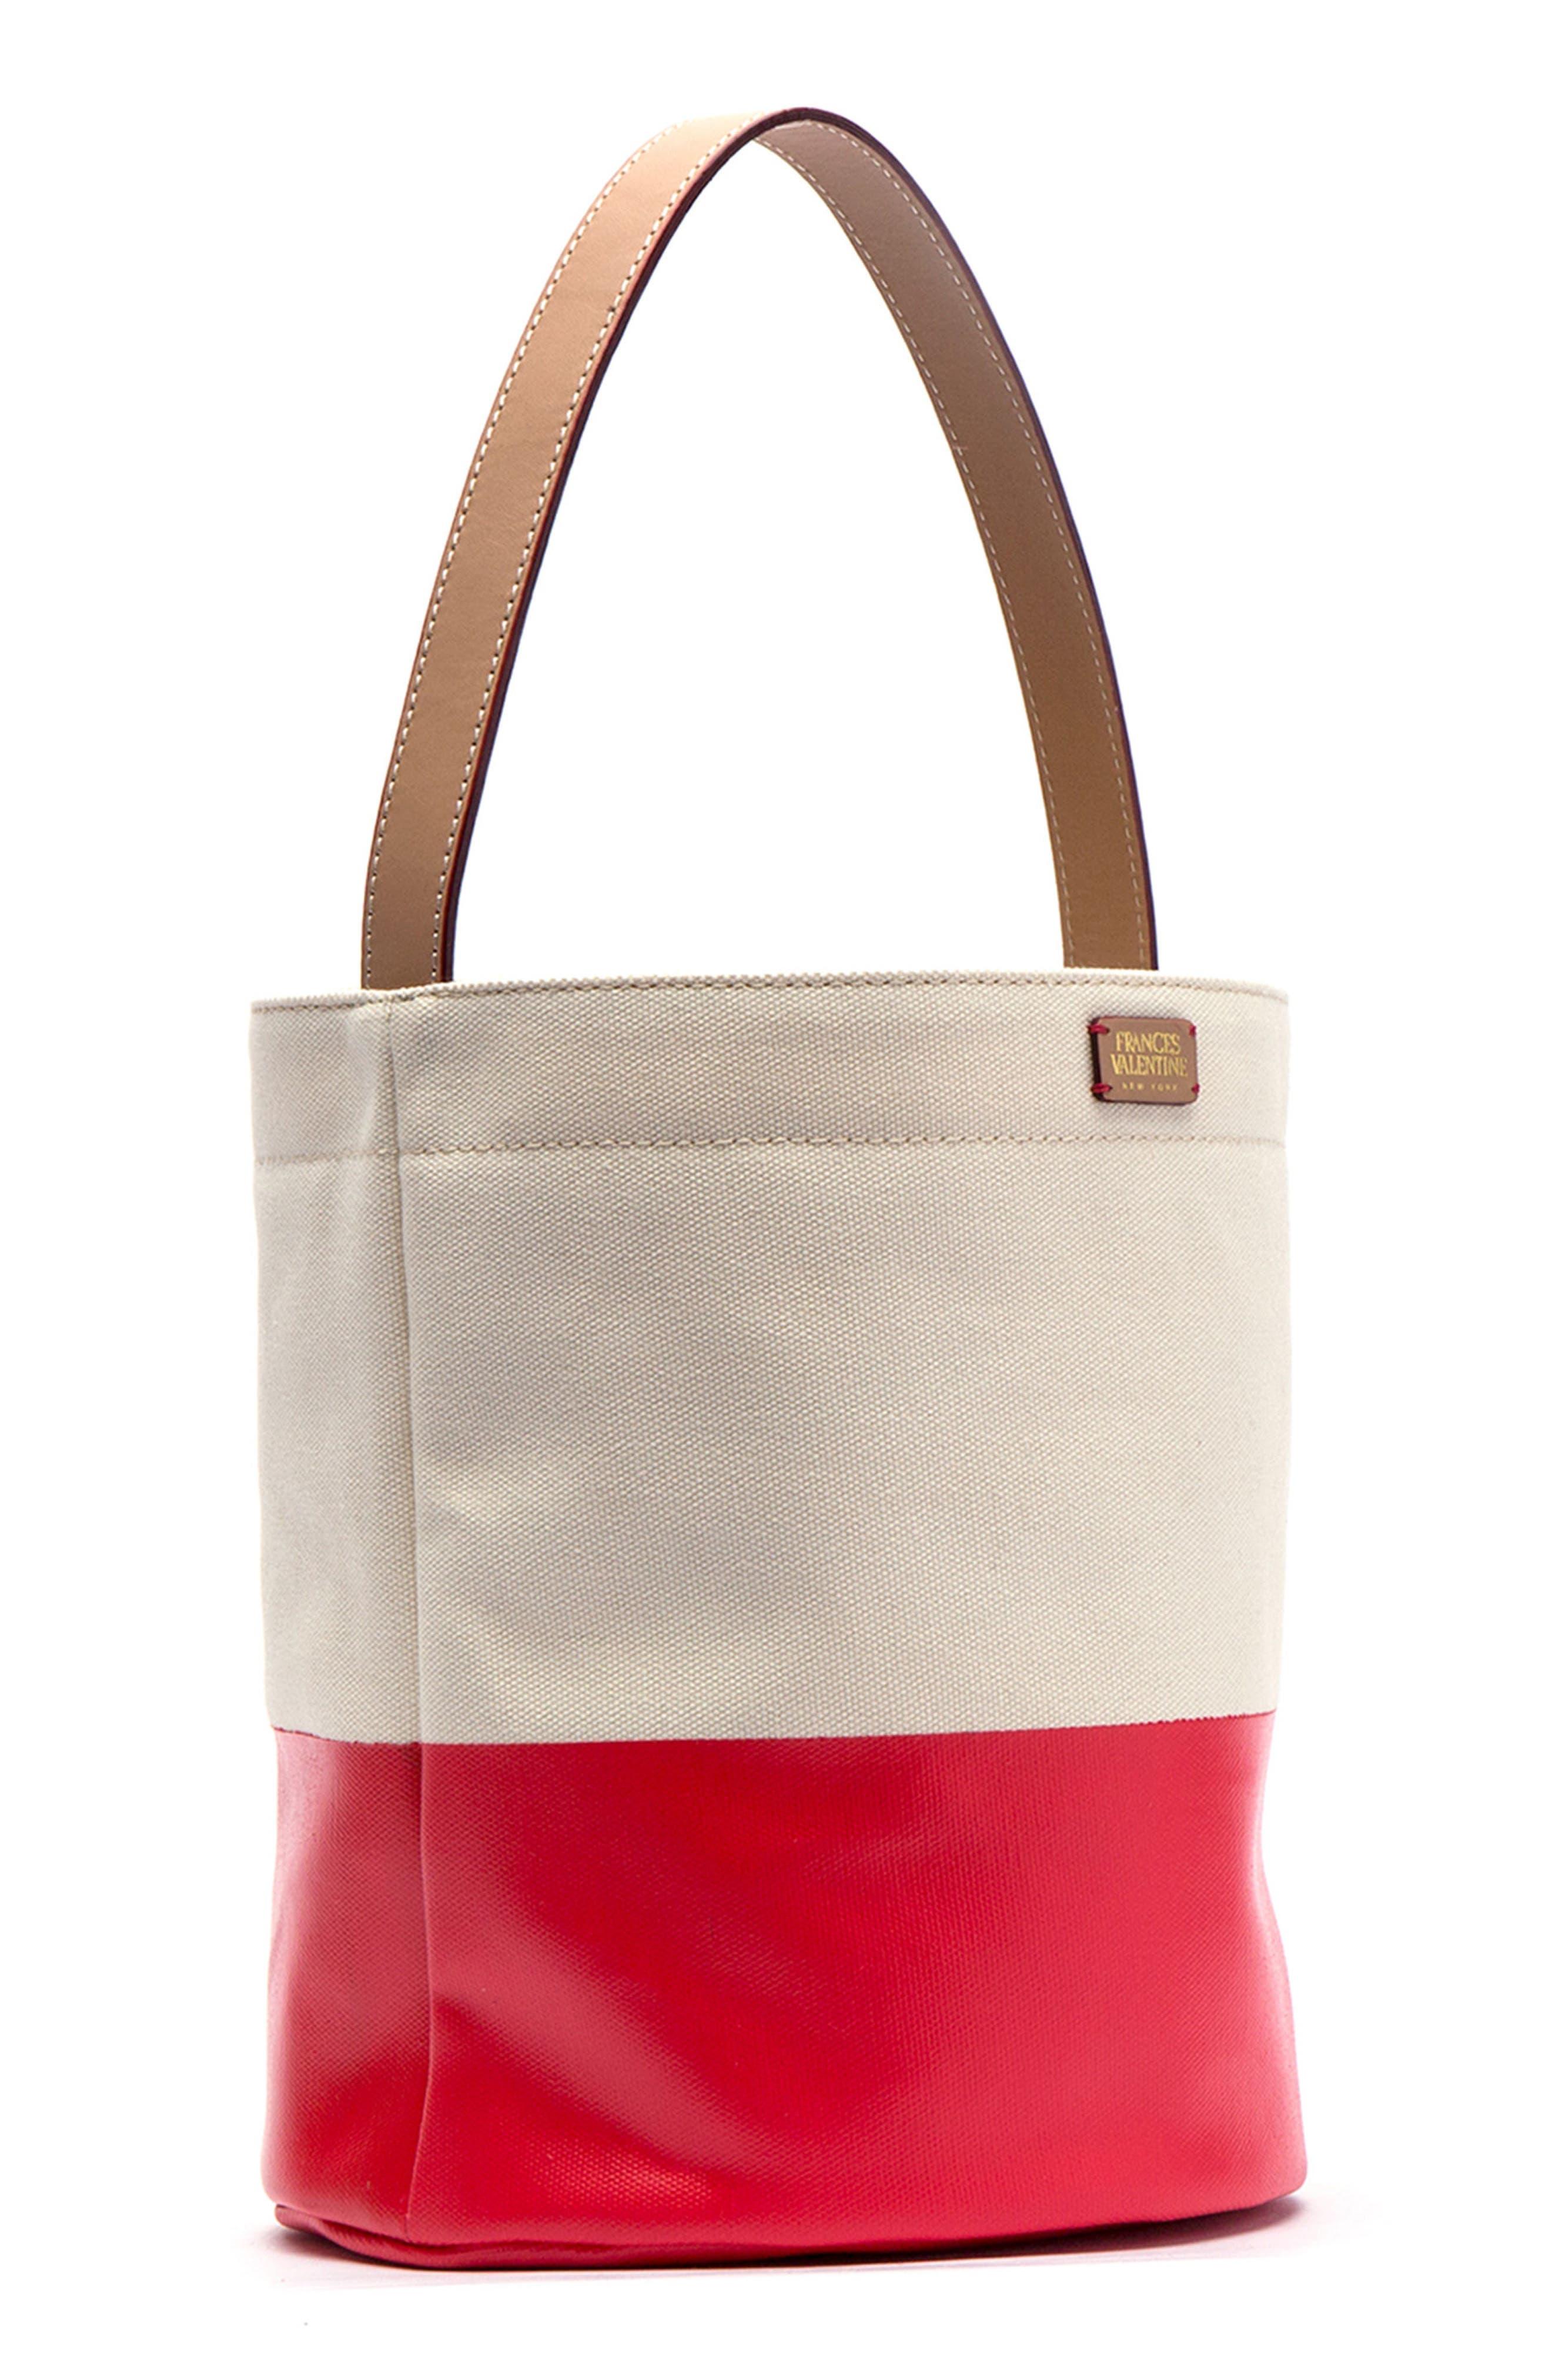 Large Canvas Bucket Bag,                             Main thumbnail 1, color,                             Natural/ Red